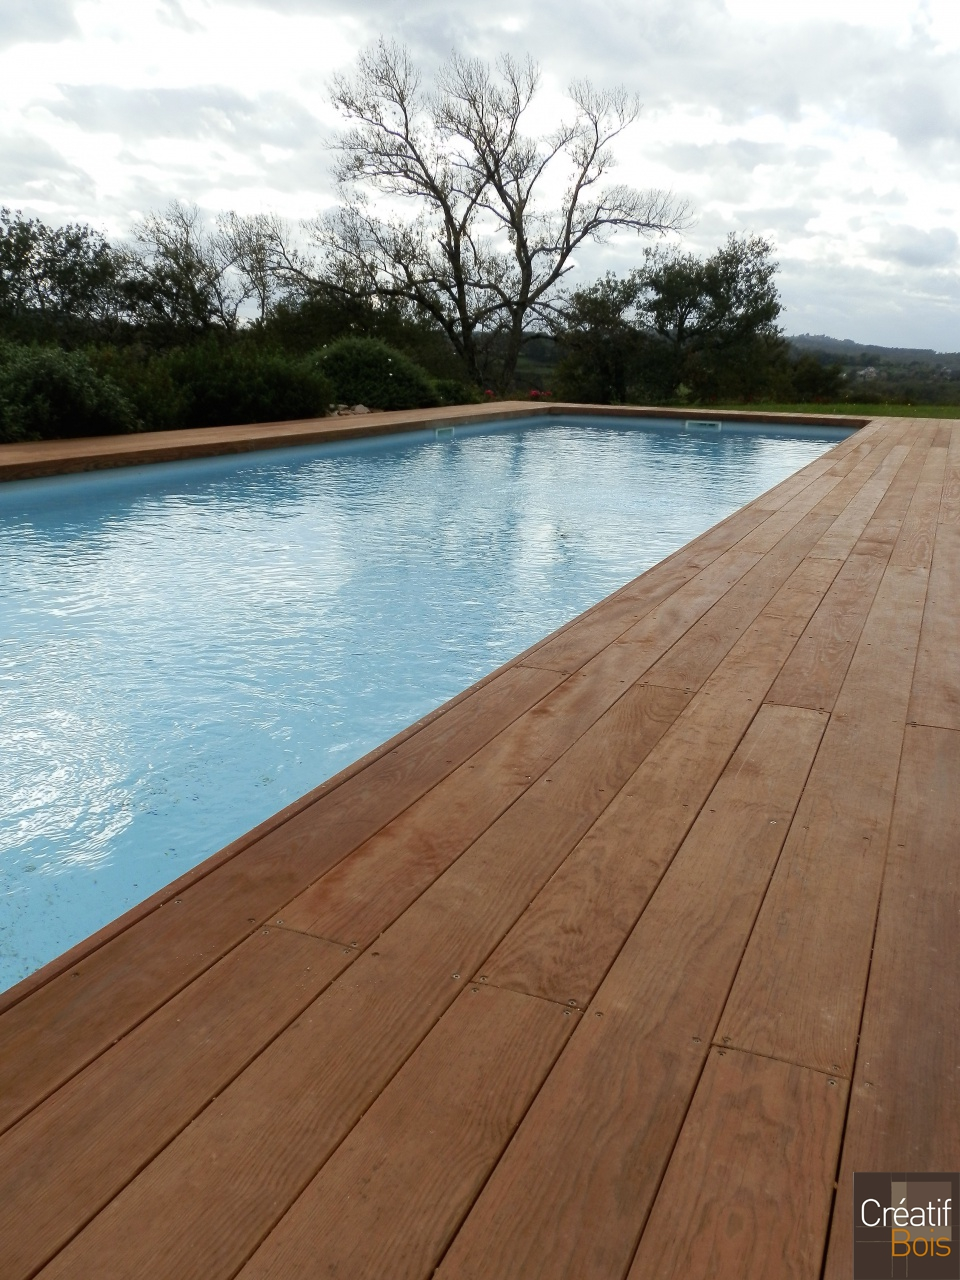 Plage de piscine brive corr ze 19 plages de piscine for Piscine brive